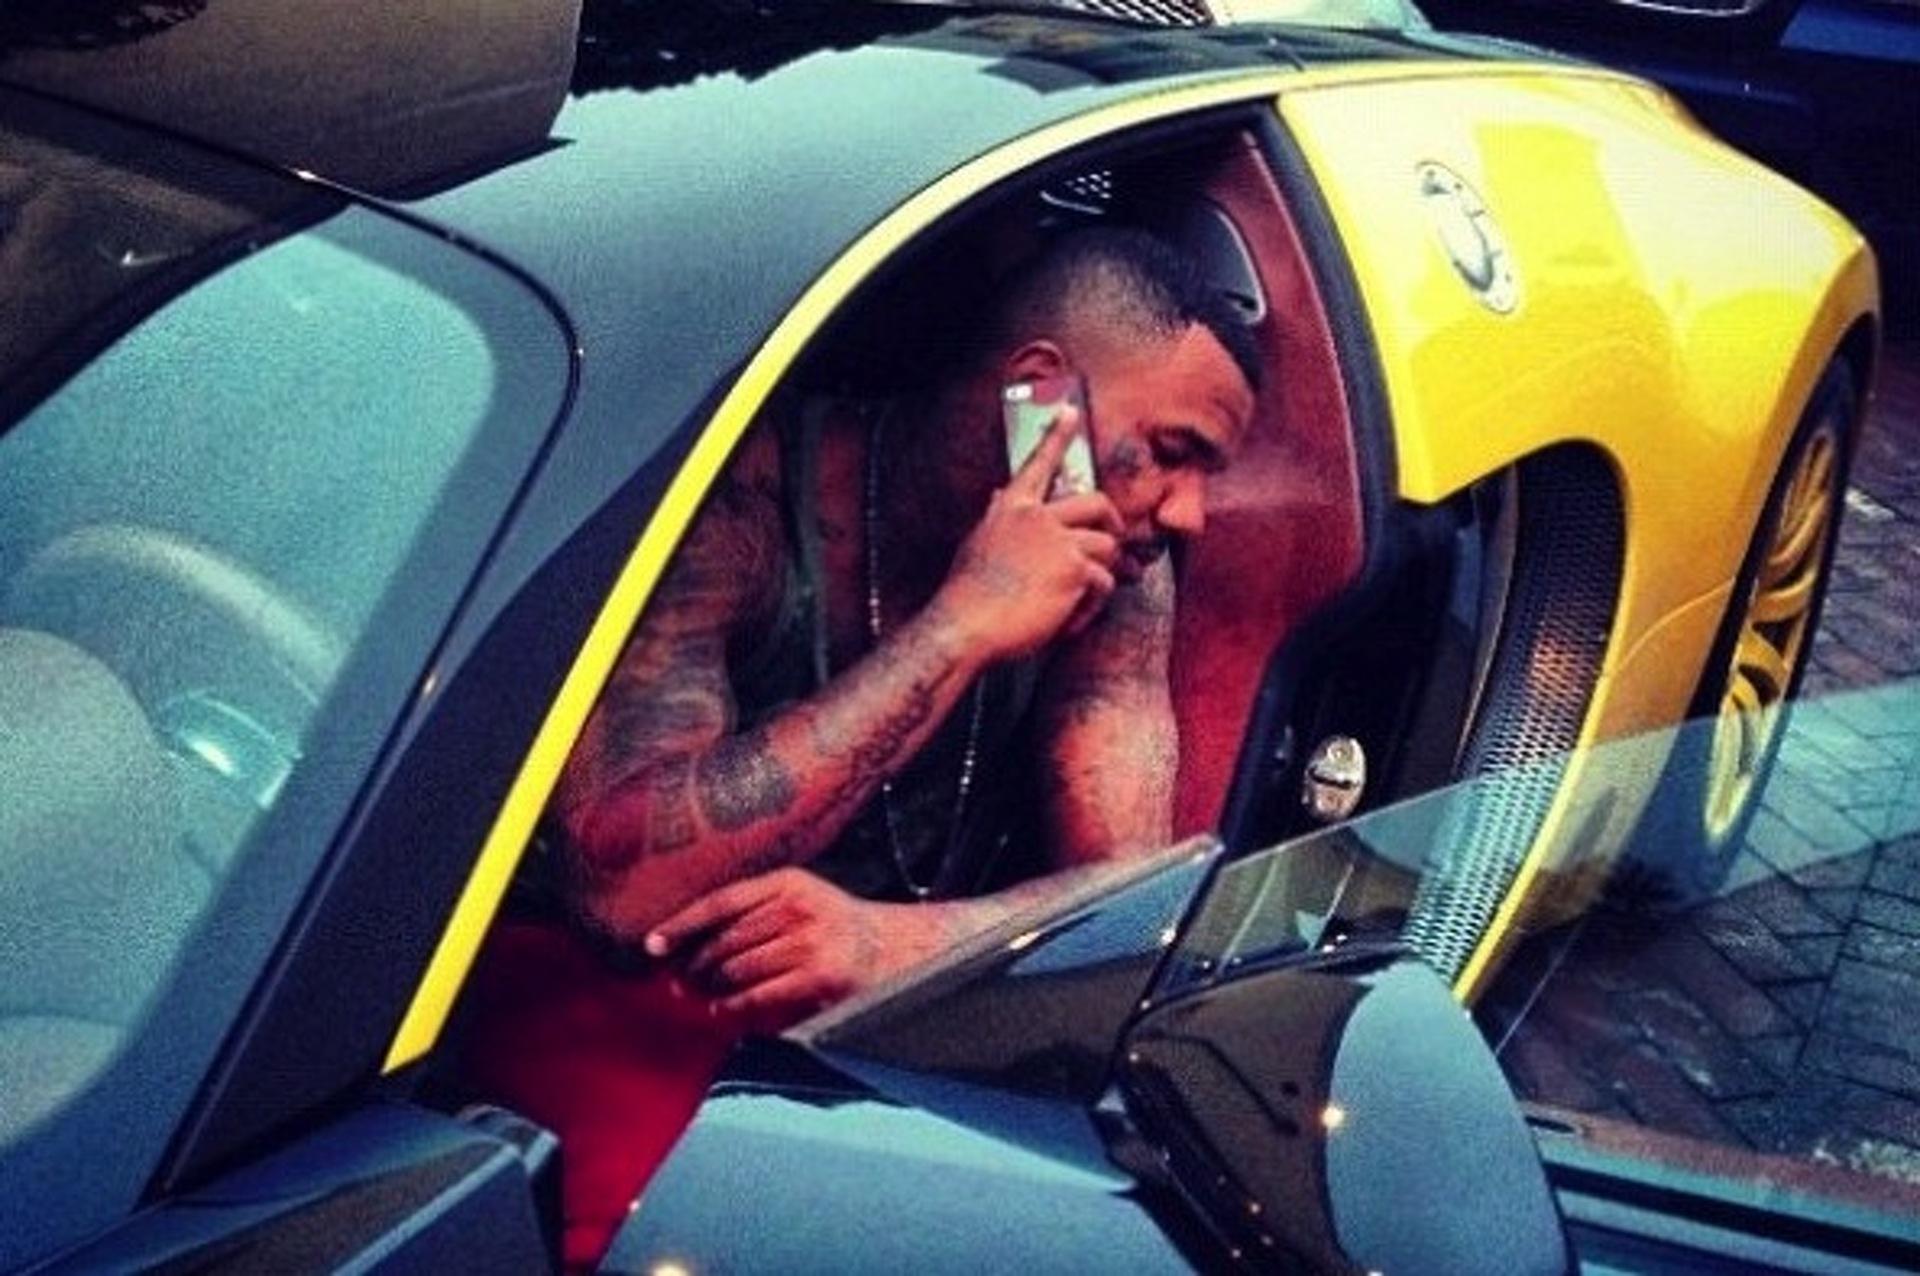 The Game Parades Around His Brand Spankin' New Bugatti Veyron